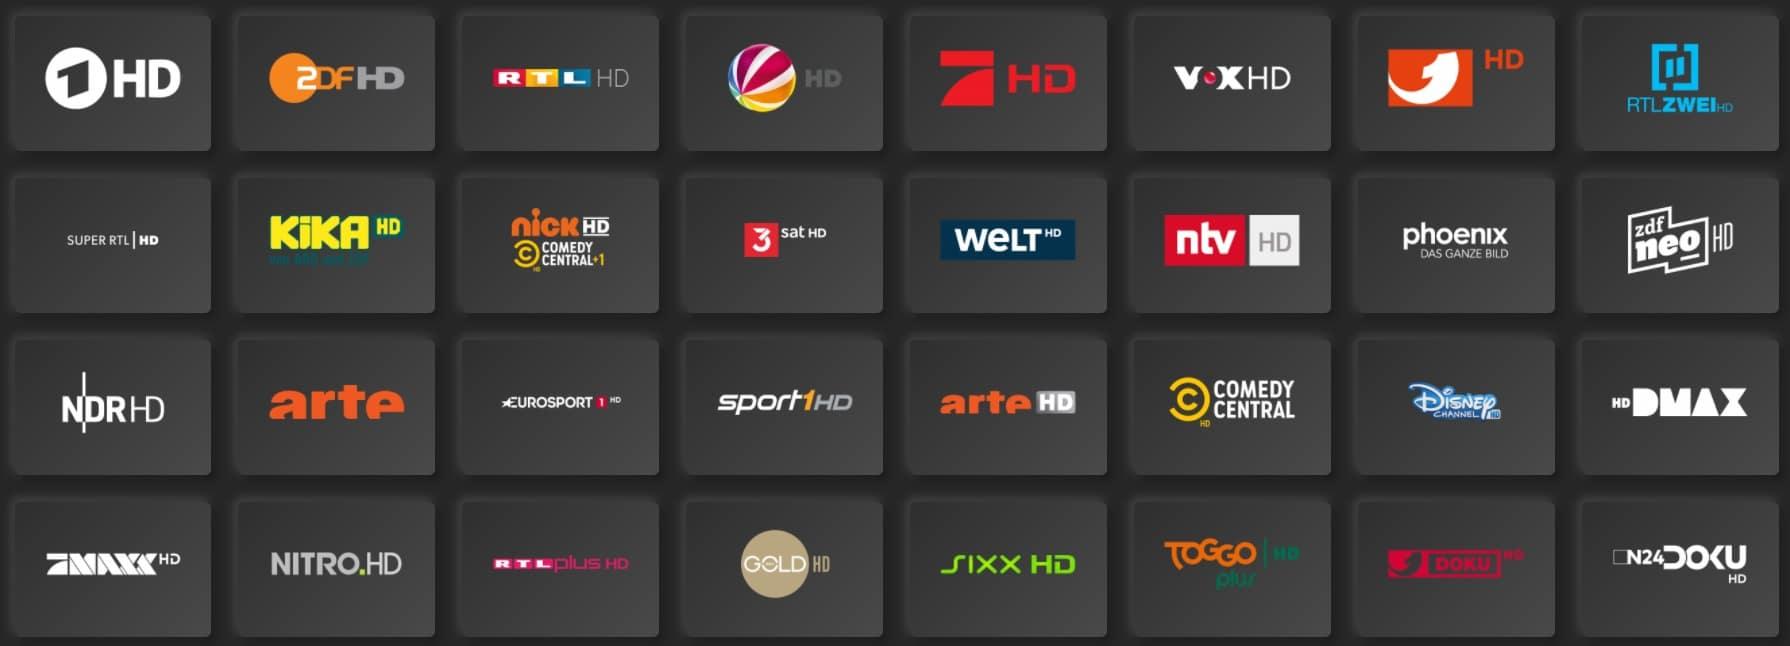 Magenta TV HD Sender